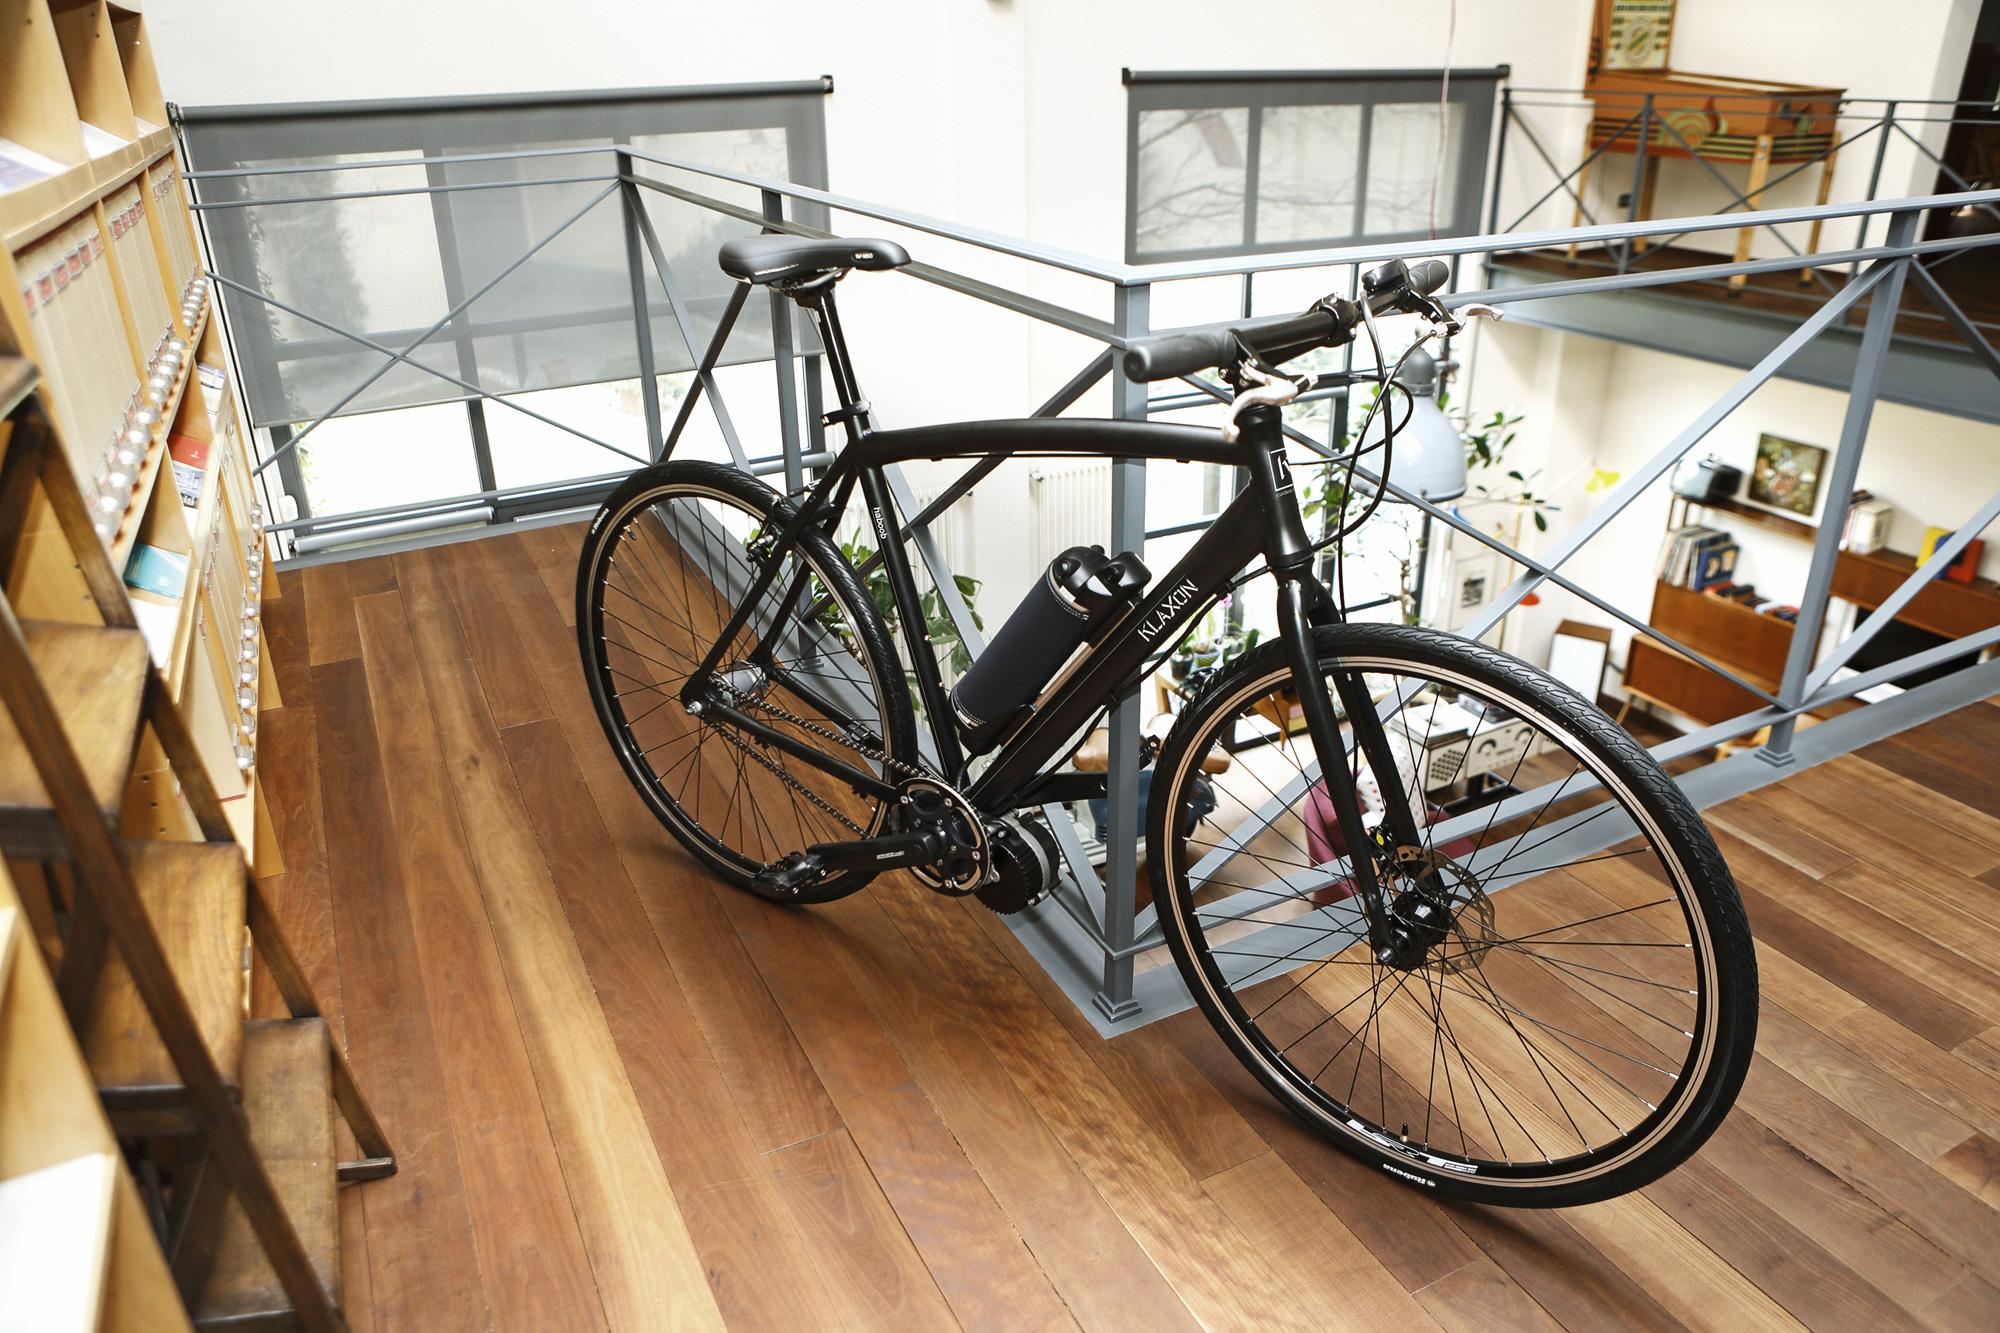 ibike bicicletta  Sunstar iBike trasforma qualsiasi bici in una eBike - BiciTech